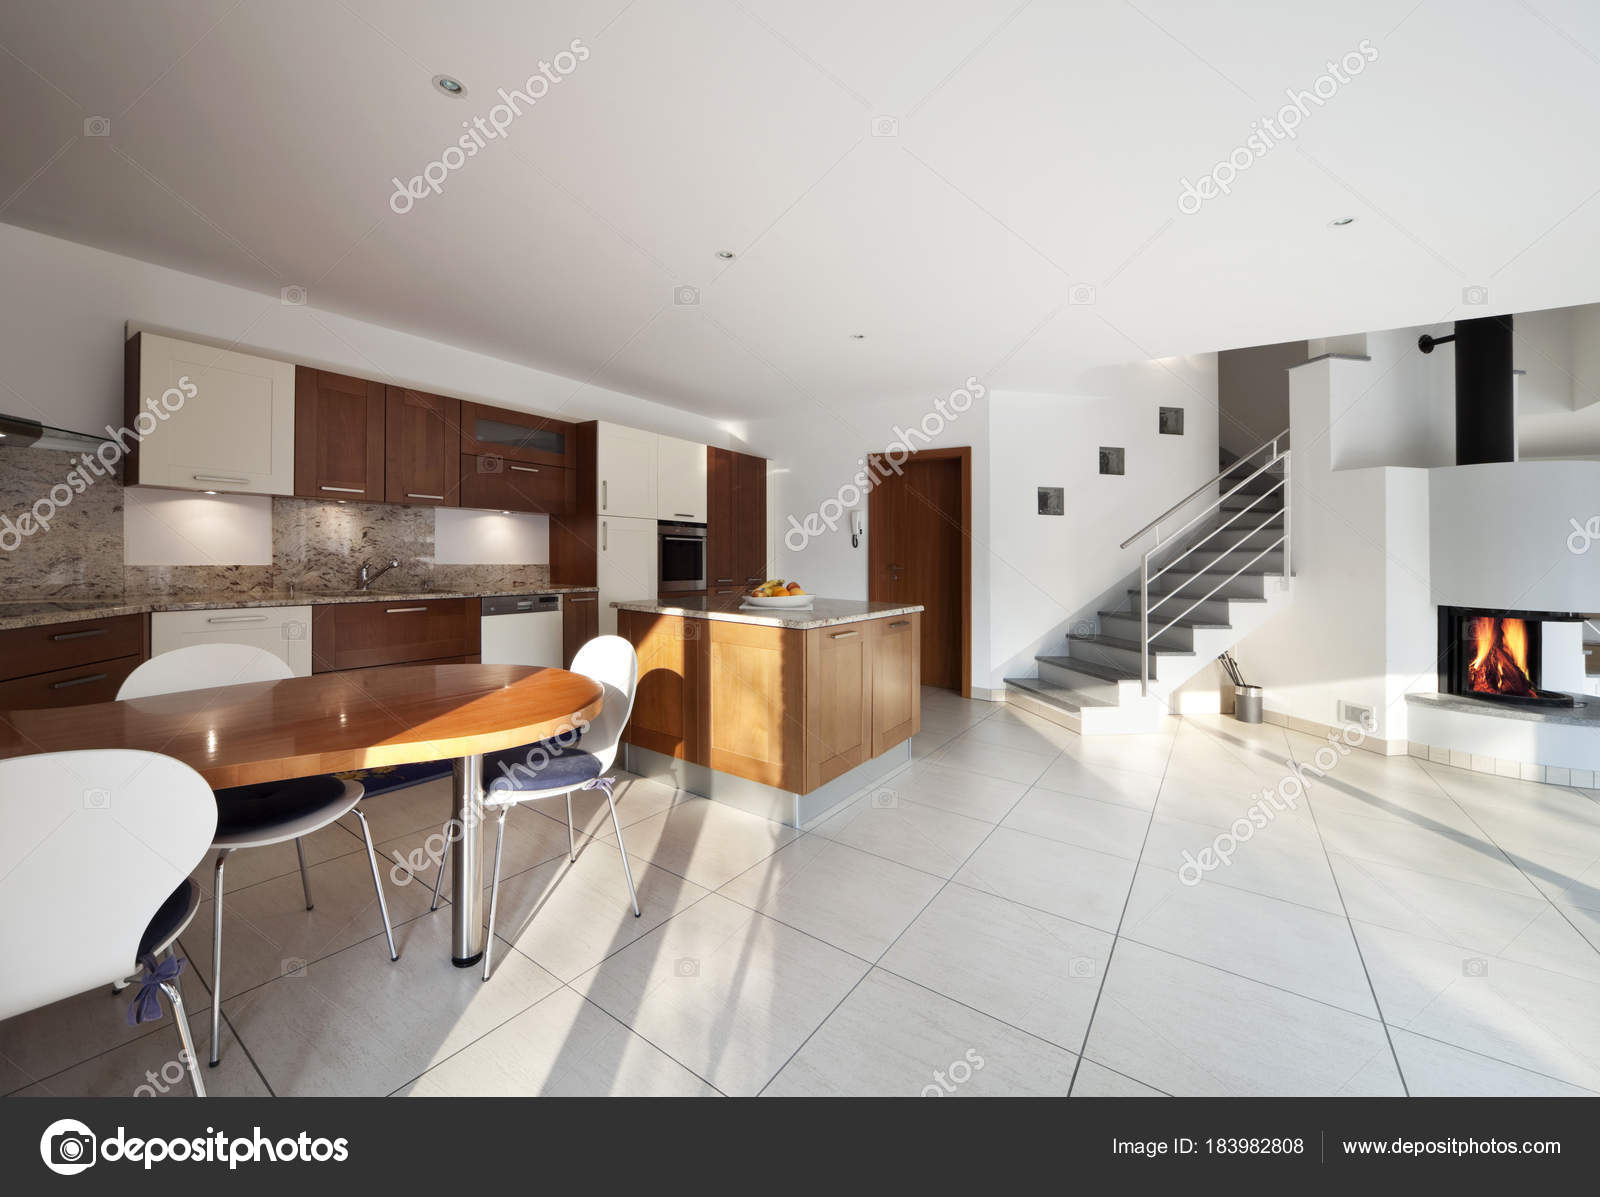 Estar comedor modernos | sala de estar, cocina, comedor y amplio ...